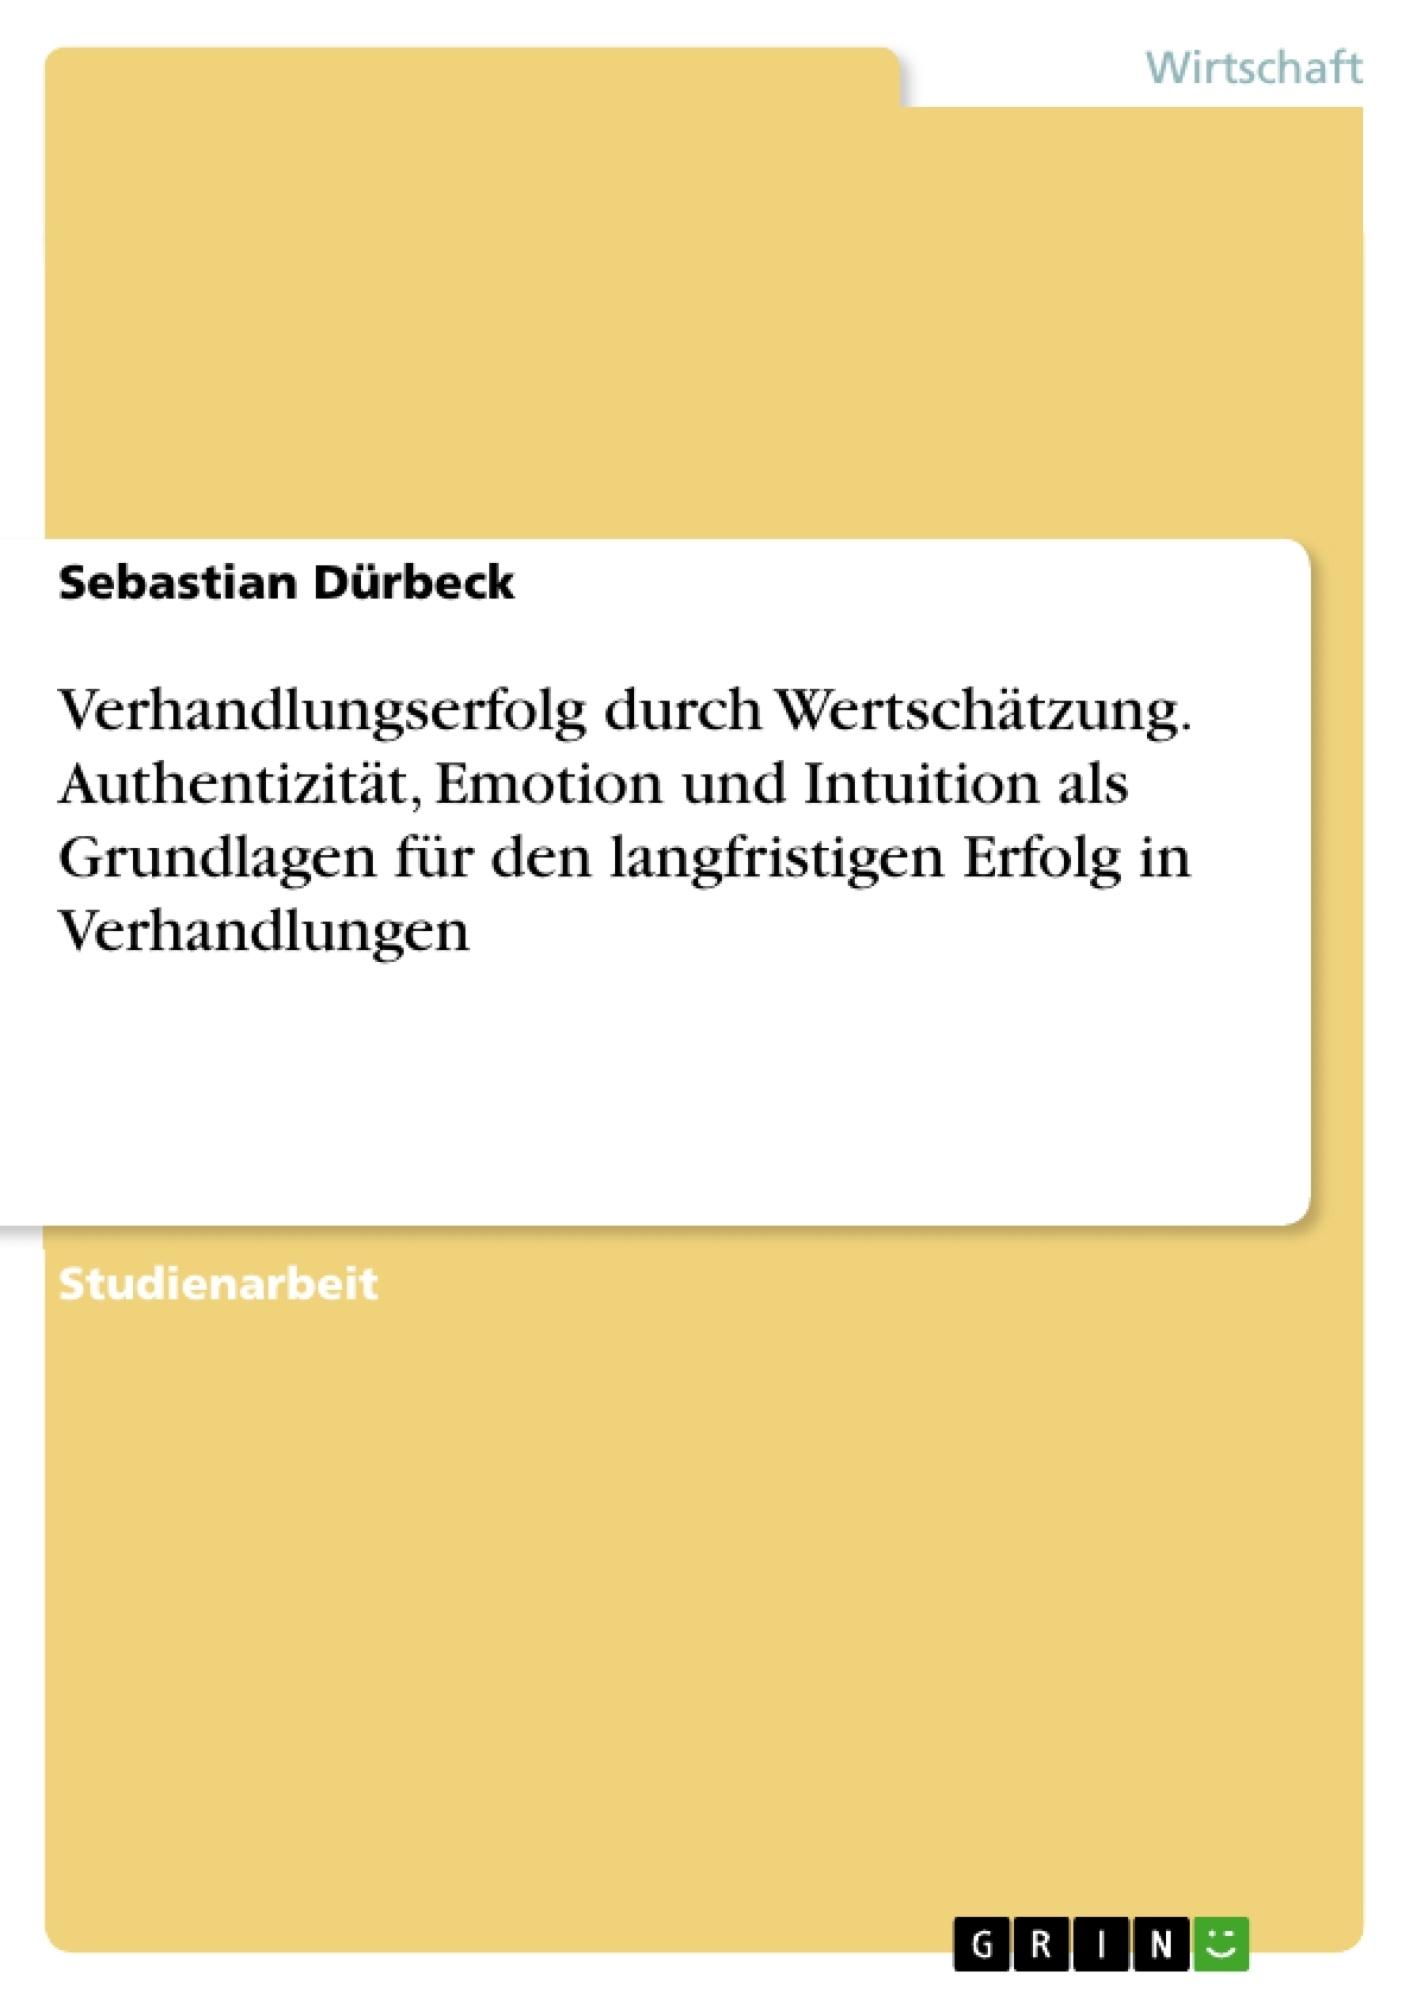 Titel: Verhandlungserfolg durch Wertschätzung. Authentizität, Emotion und Intuition als Grundlagen für den langfristigen Erfolg in Verhandlungen